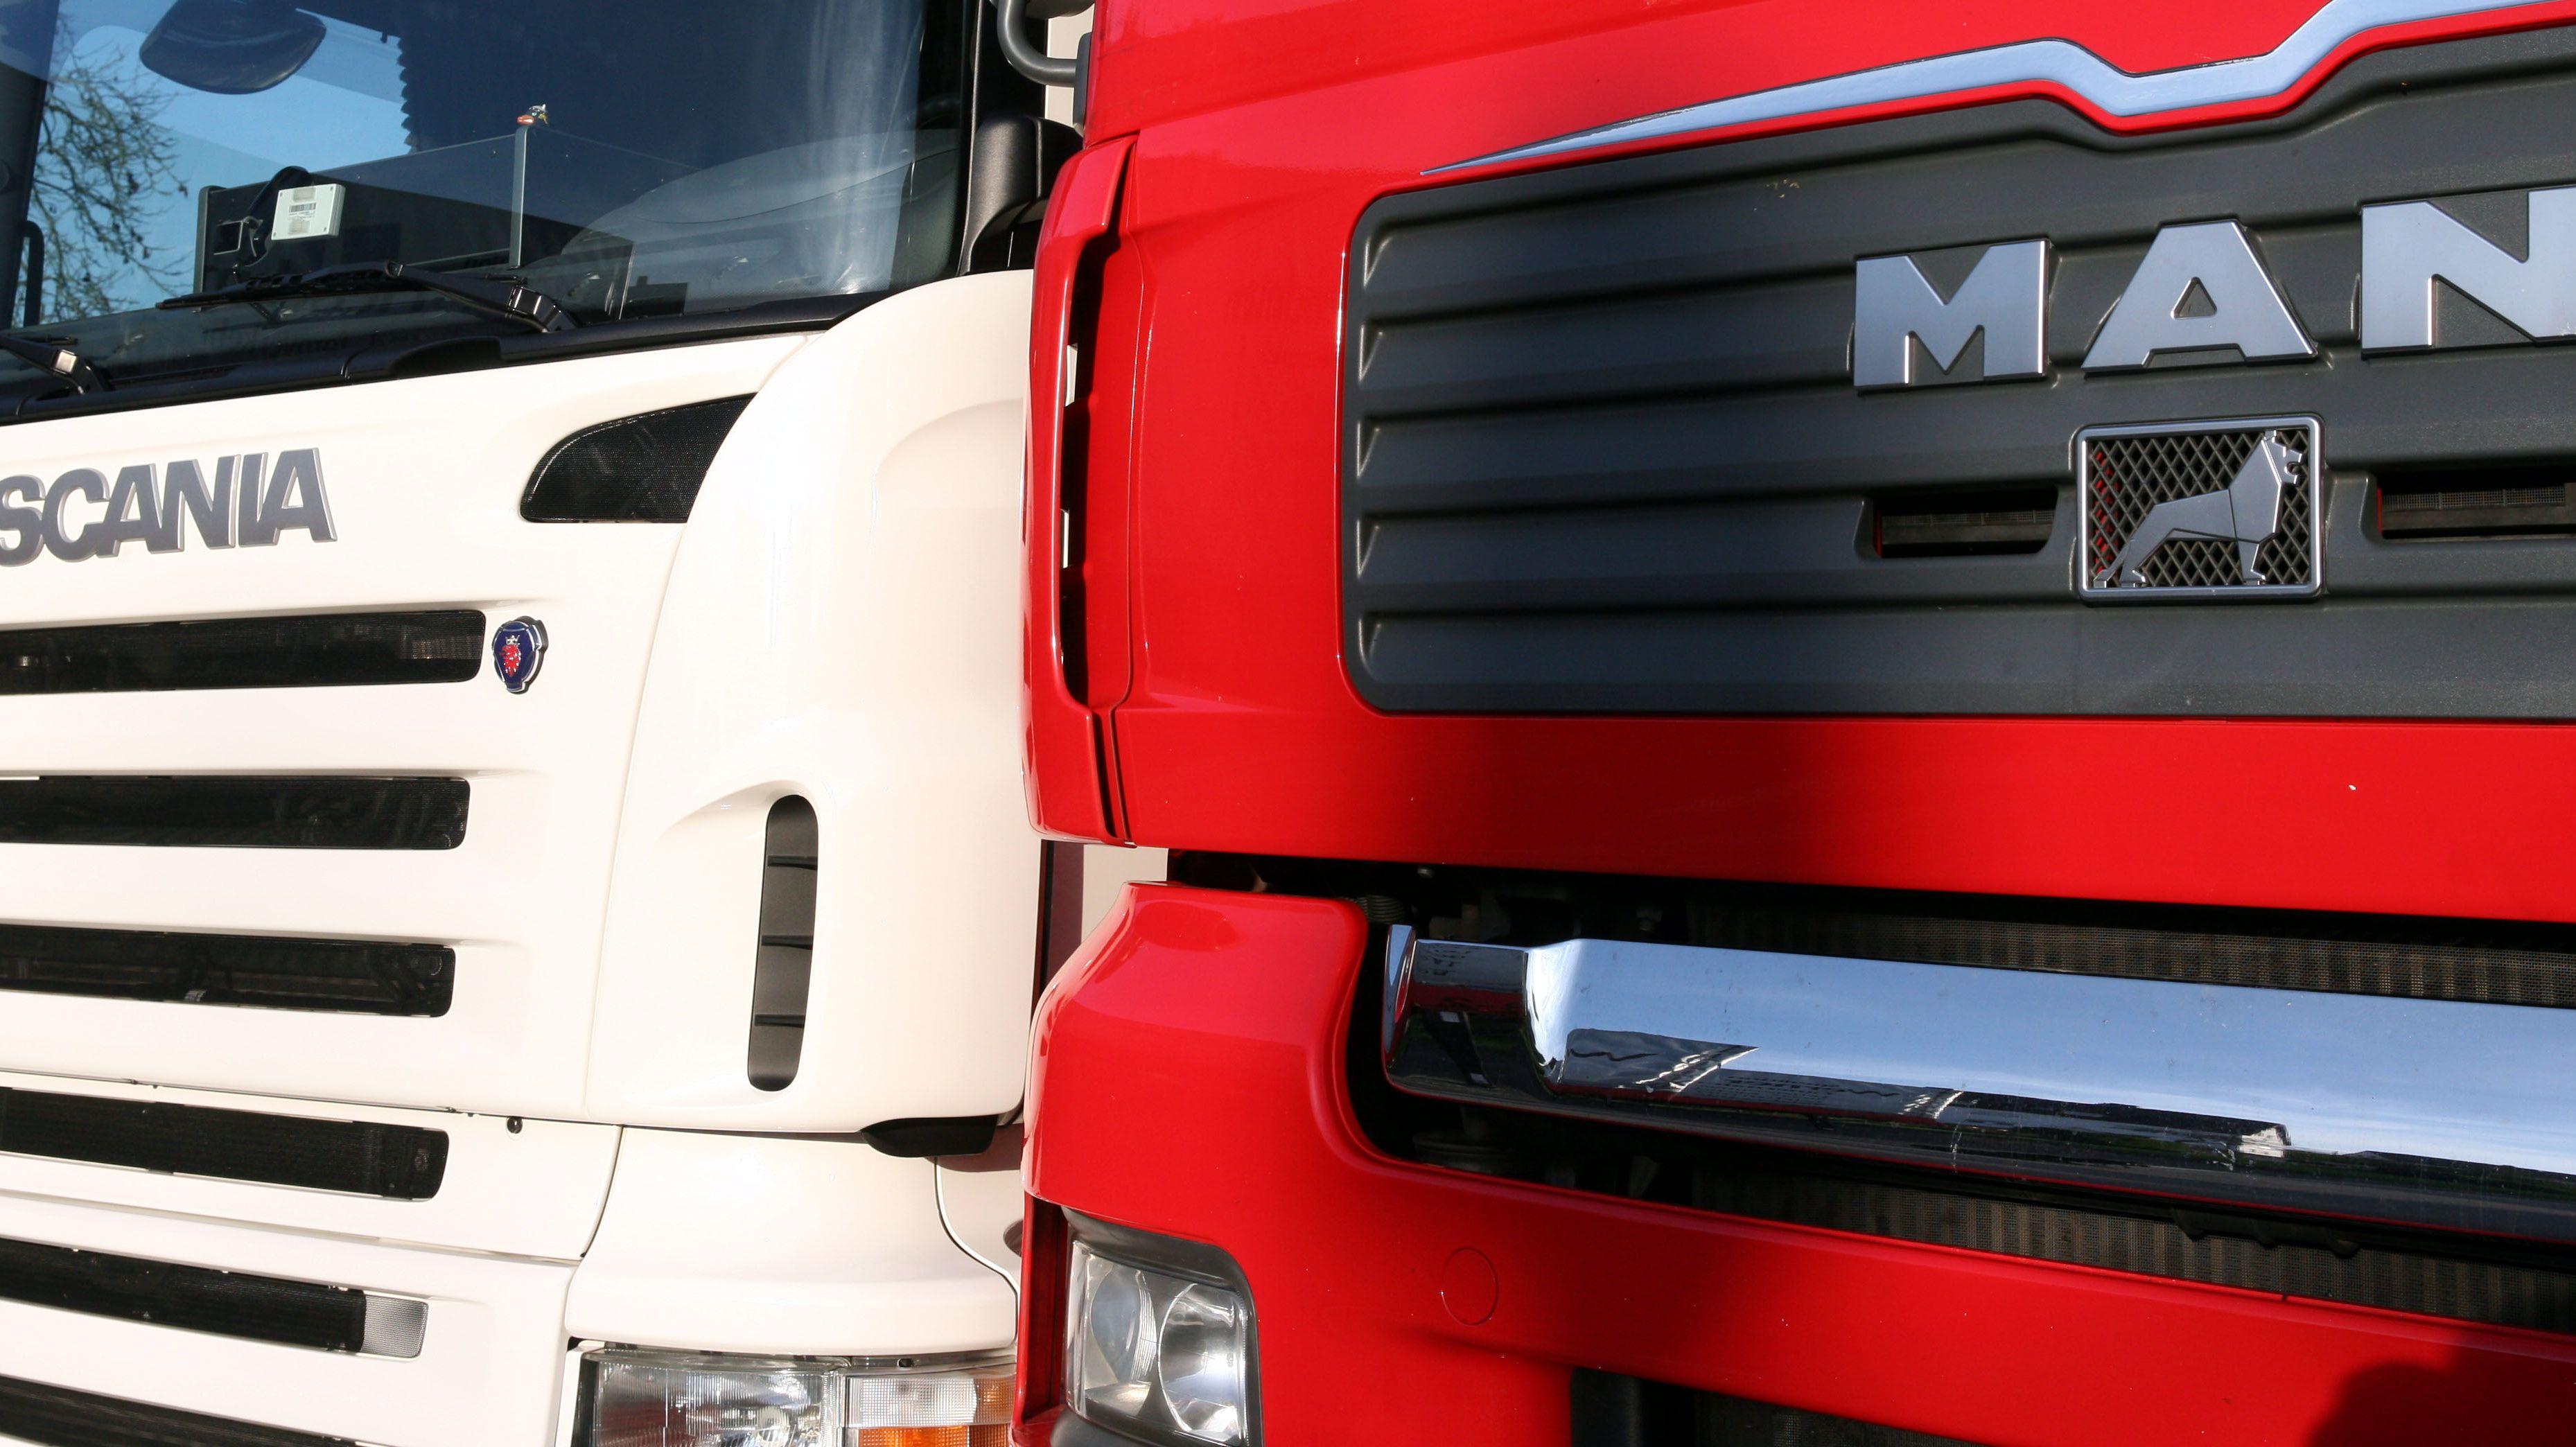 Je ein Lkw der Marken Scania und MAN in der Frontansicht nebeneinander